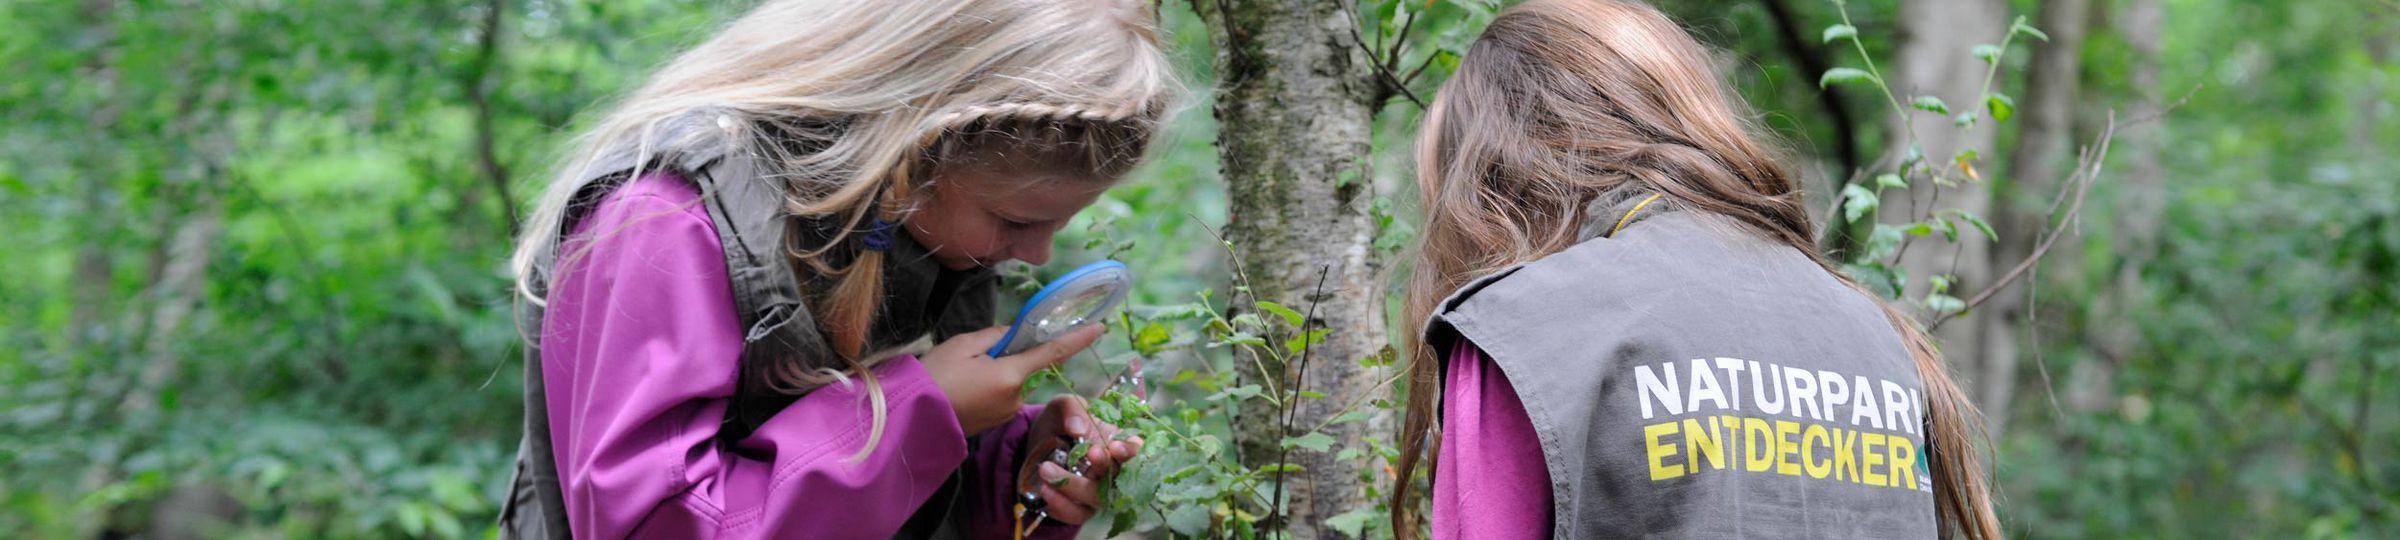 Mädchen in Naturpark-Entdecker-Westen auf dem Löwenzahn-Pfad im Naturpark Bourtanger Moor - Bargerveen